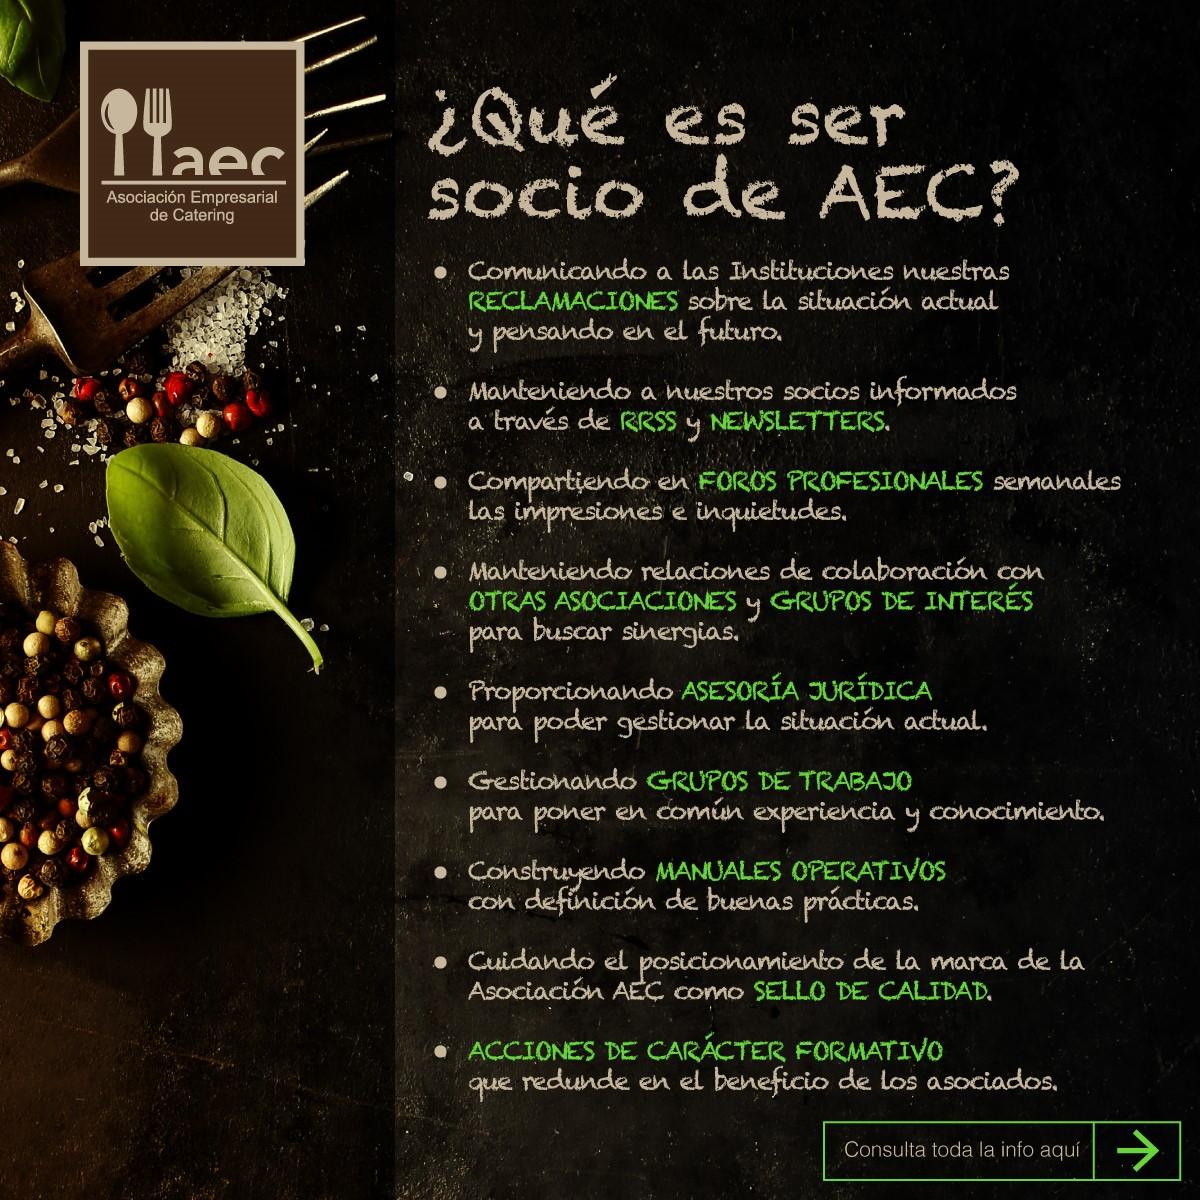 ¿Qué es ser socio de AEC?